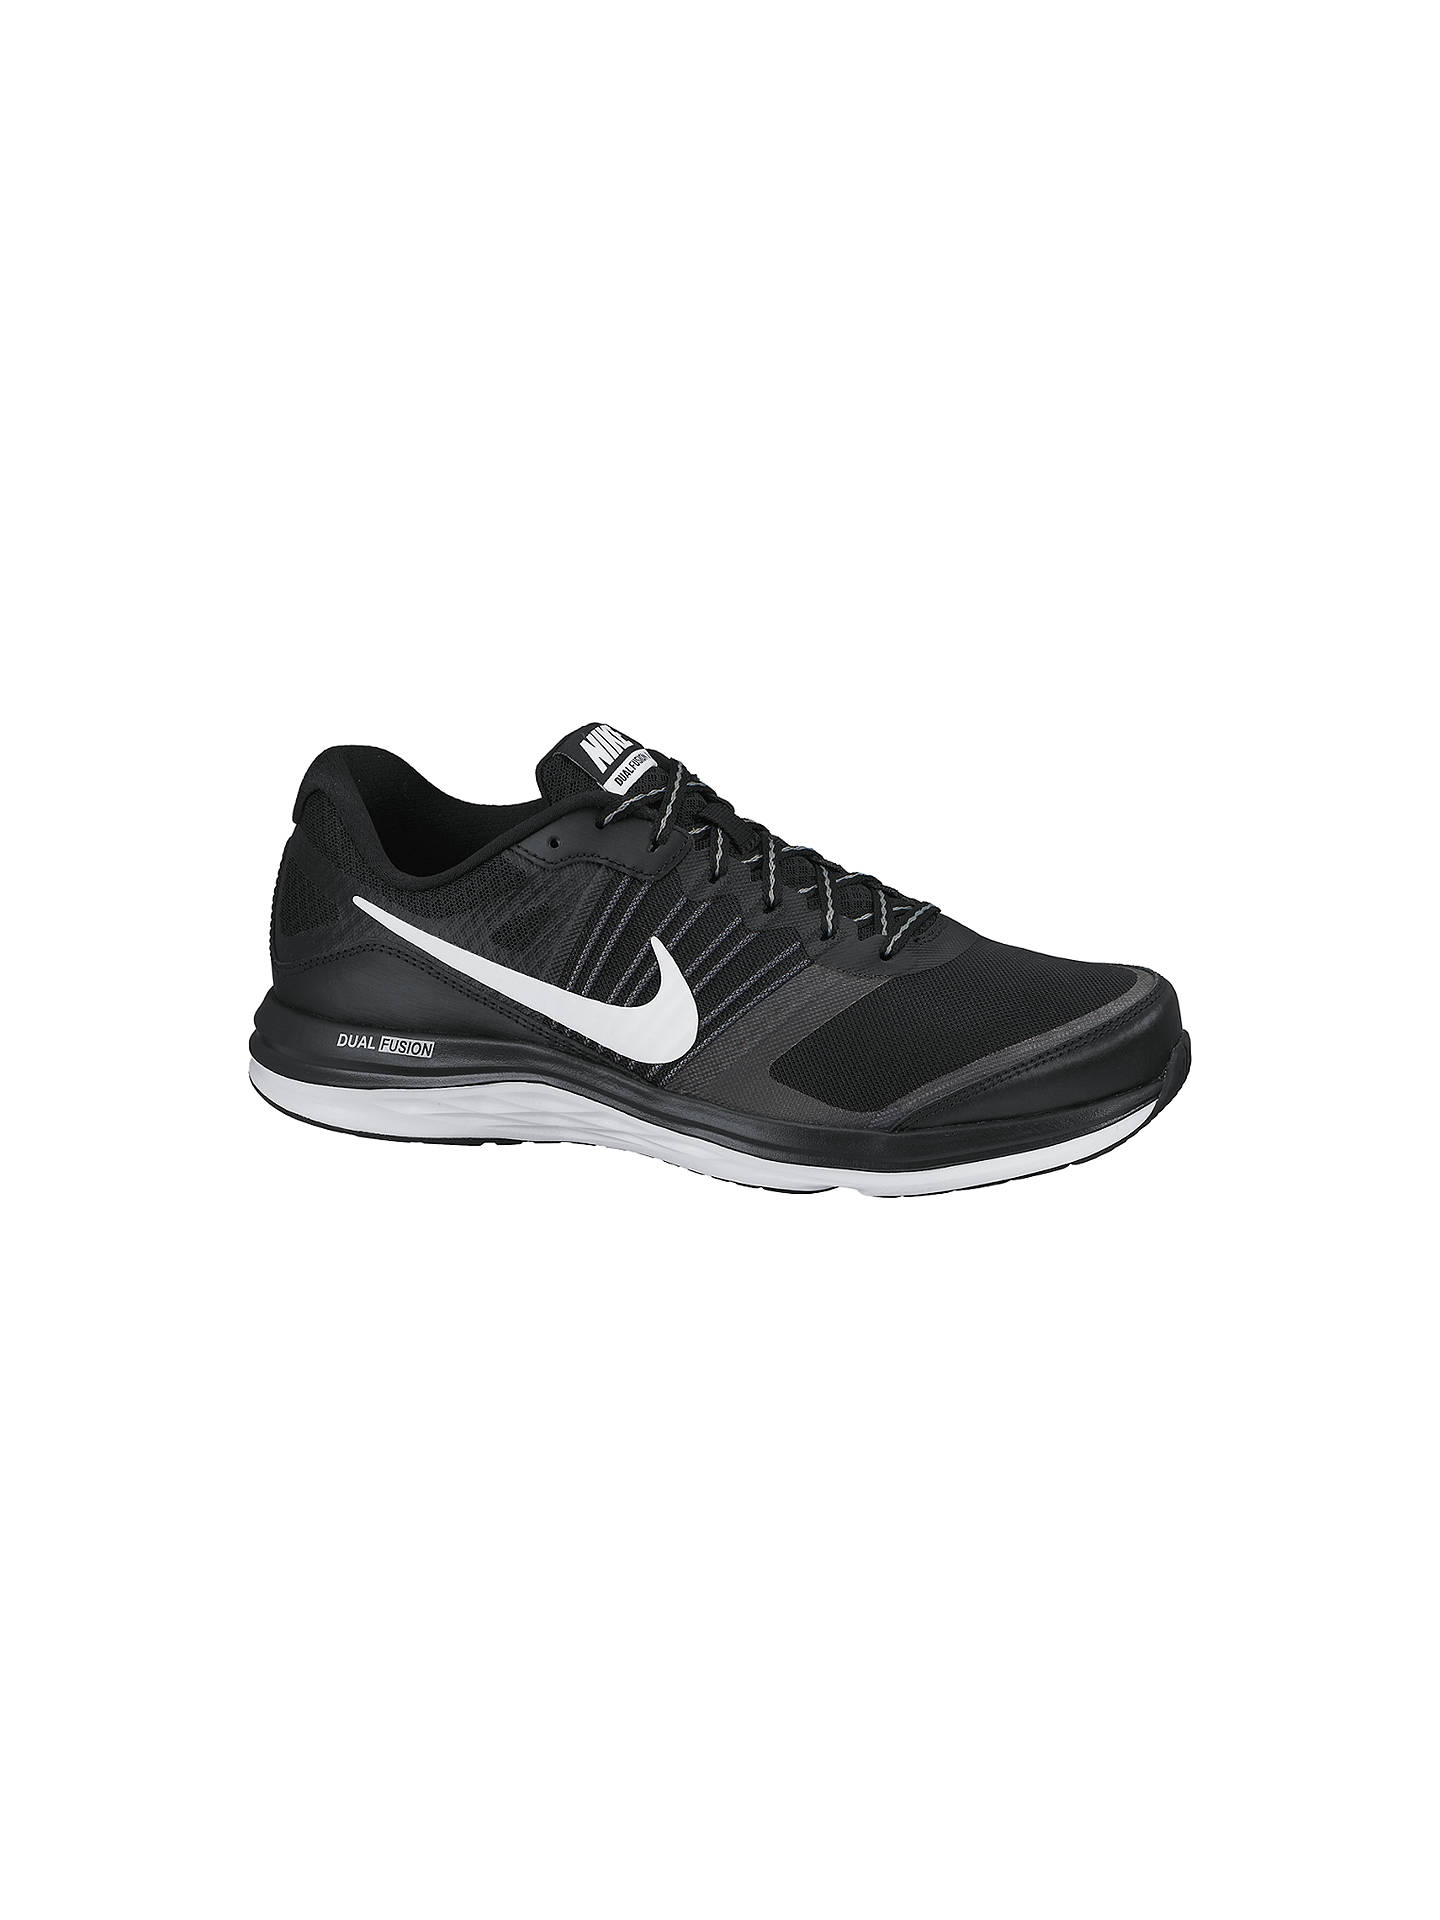 e519e337541 Buy Nike Dual Fusion X Men s Running Shoes